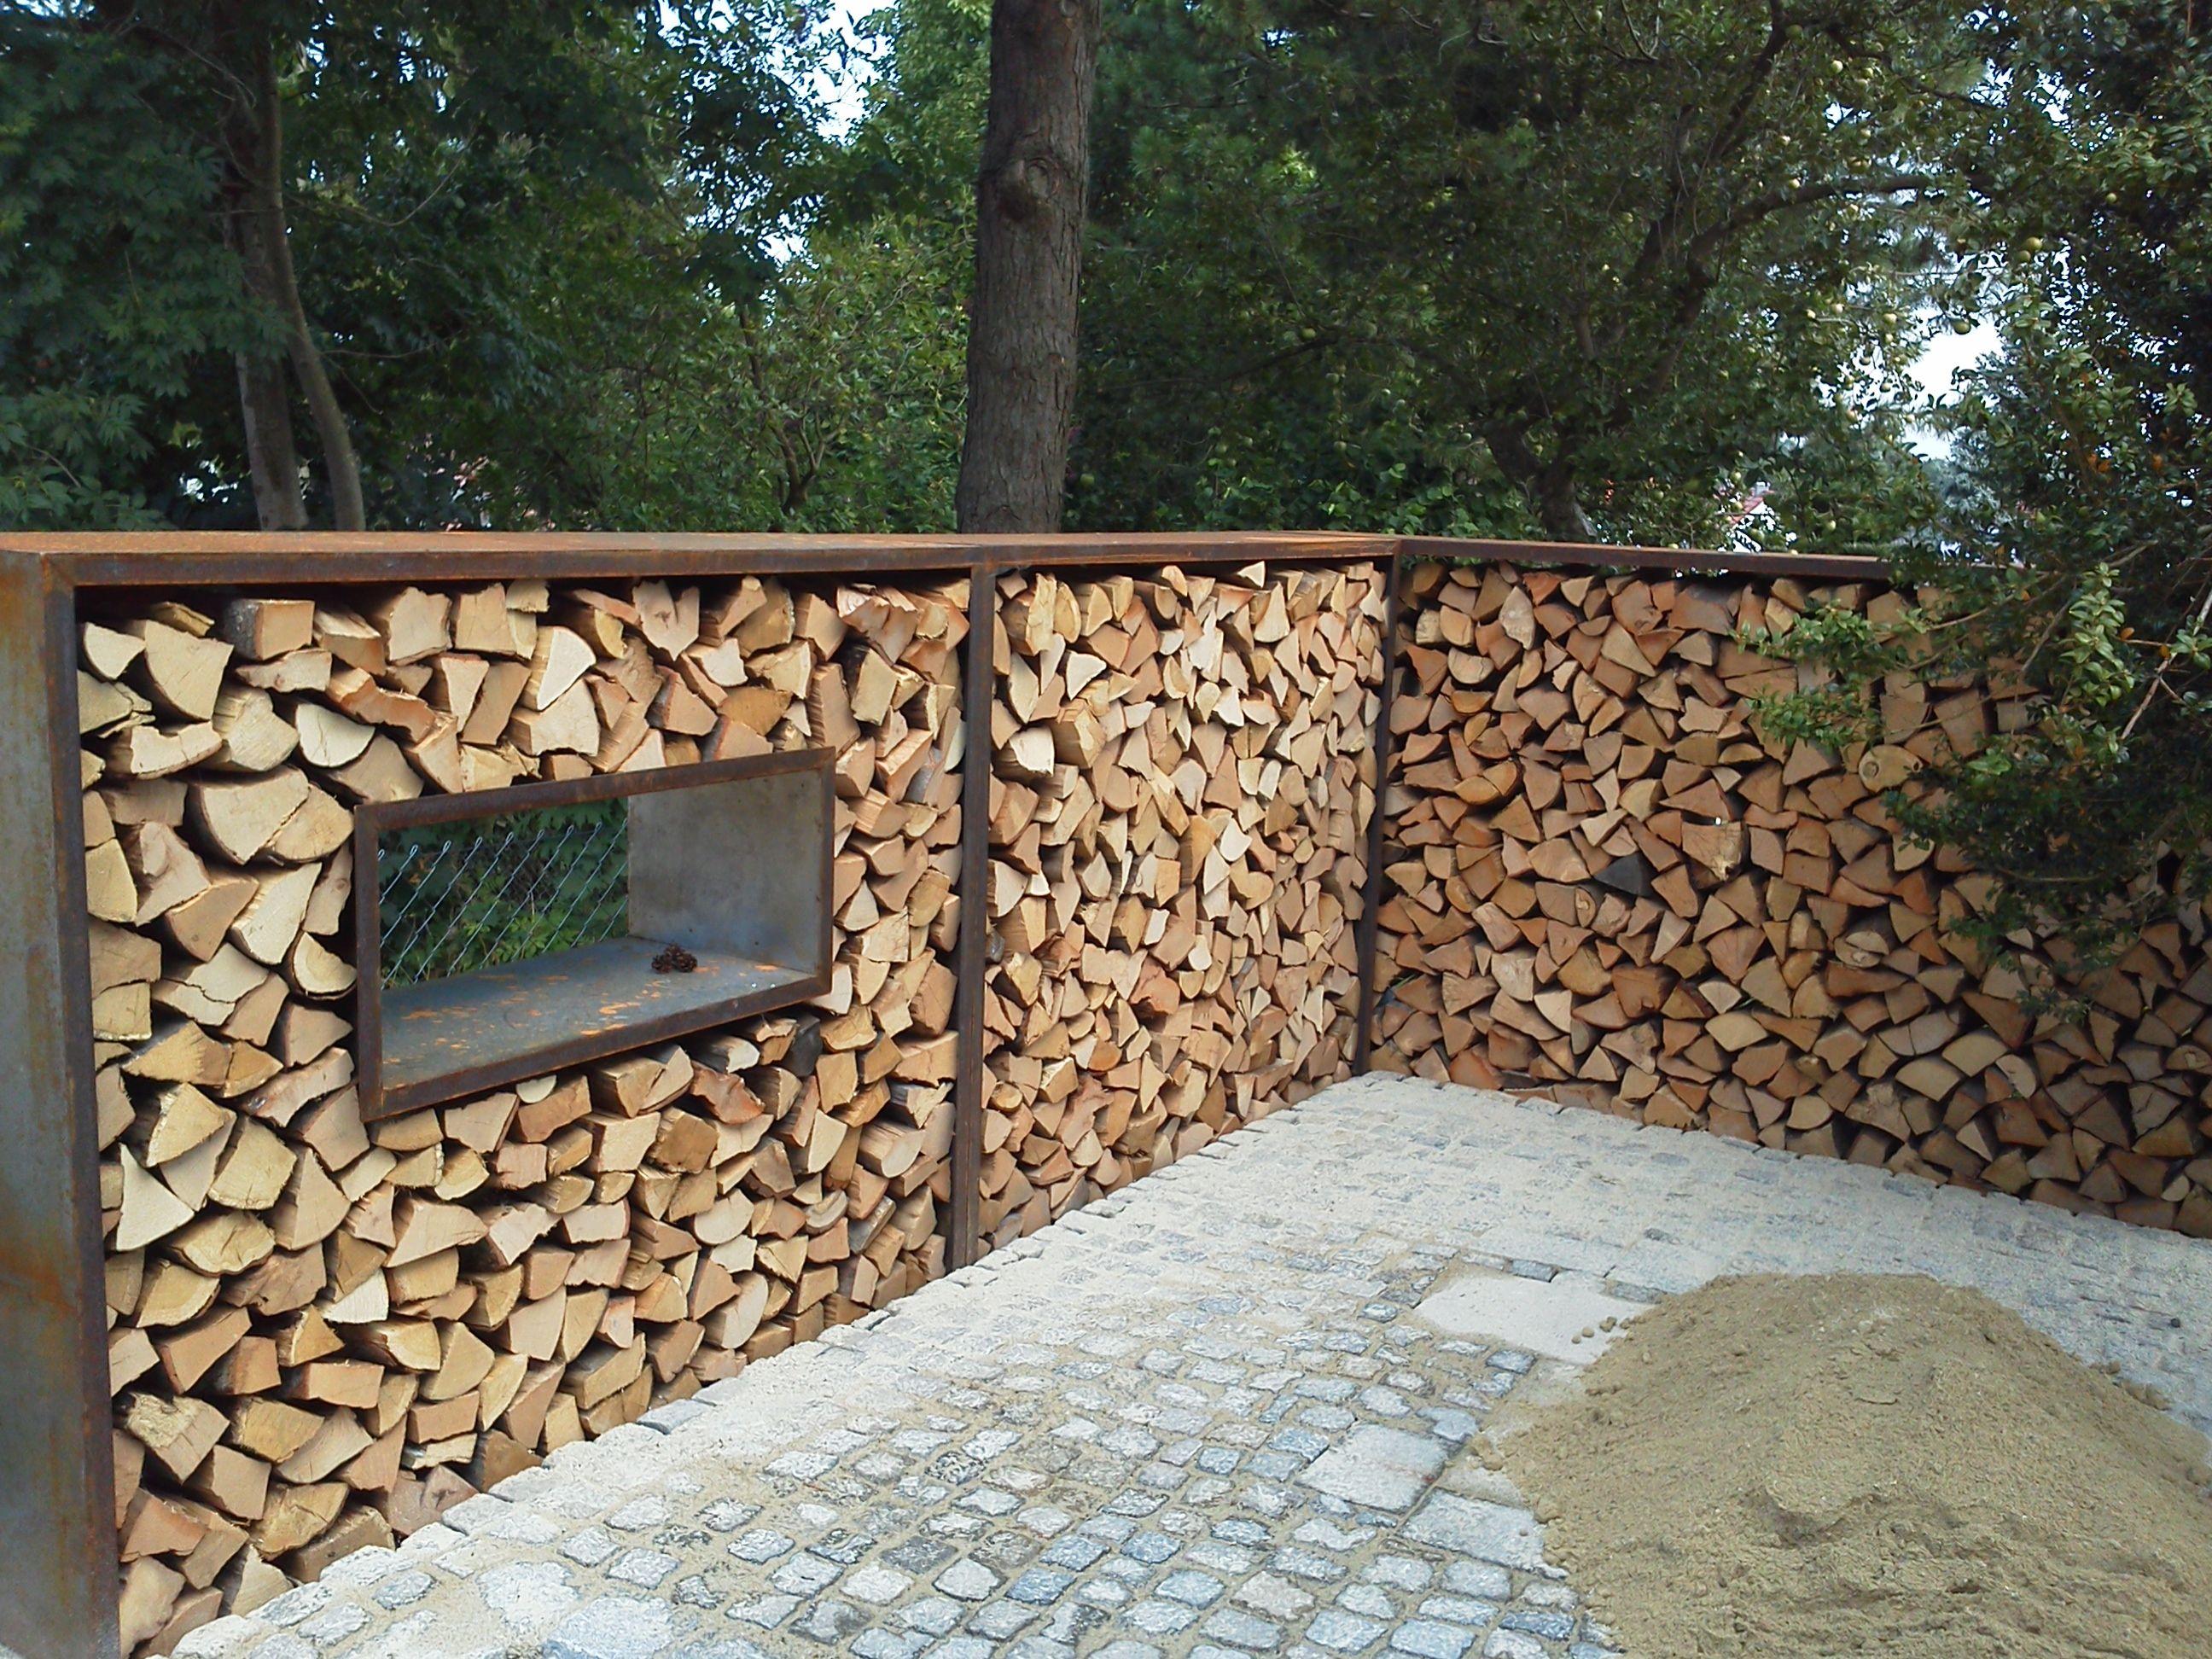 Sichtschutz garten natursteine garten sichtschutz Natursteine garten